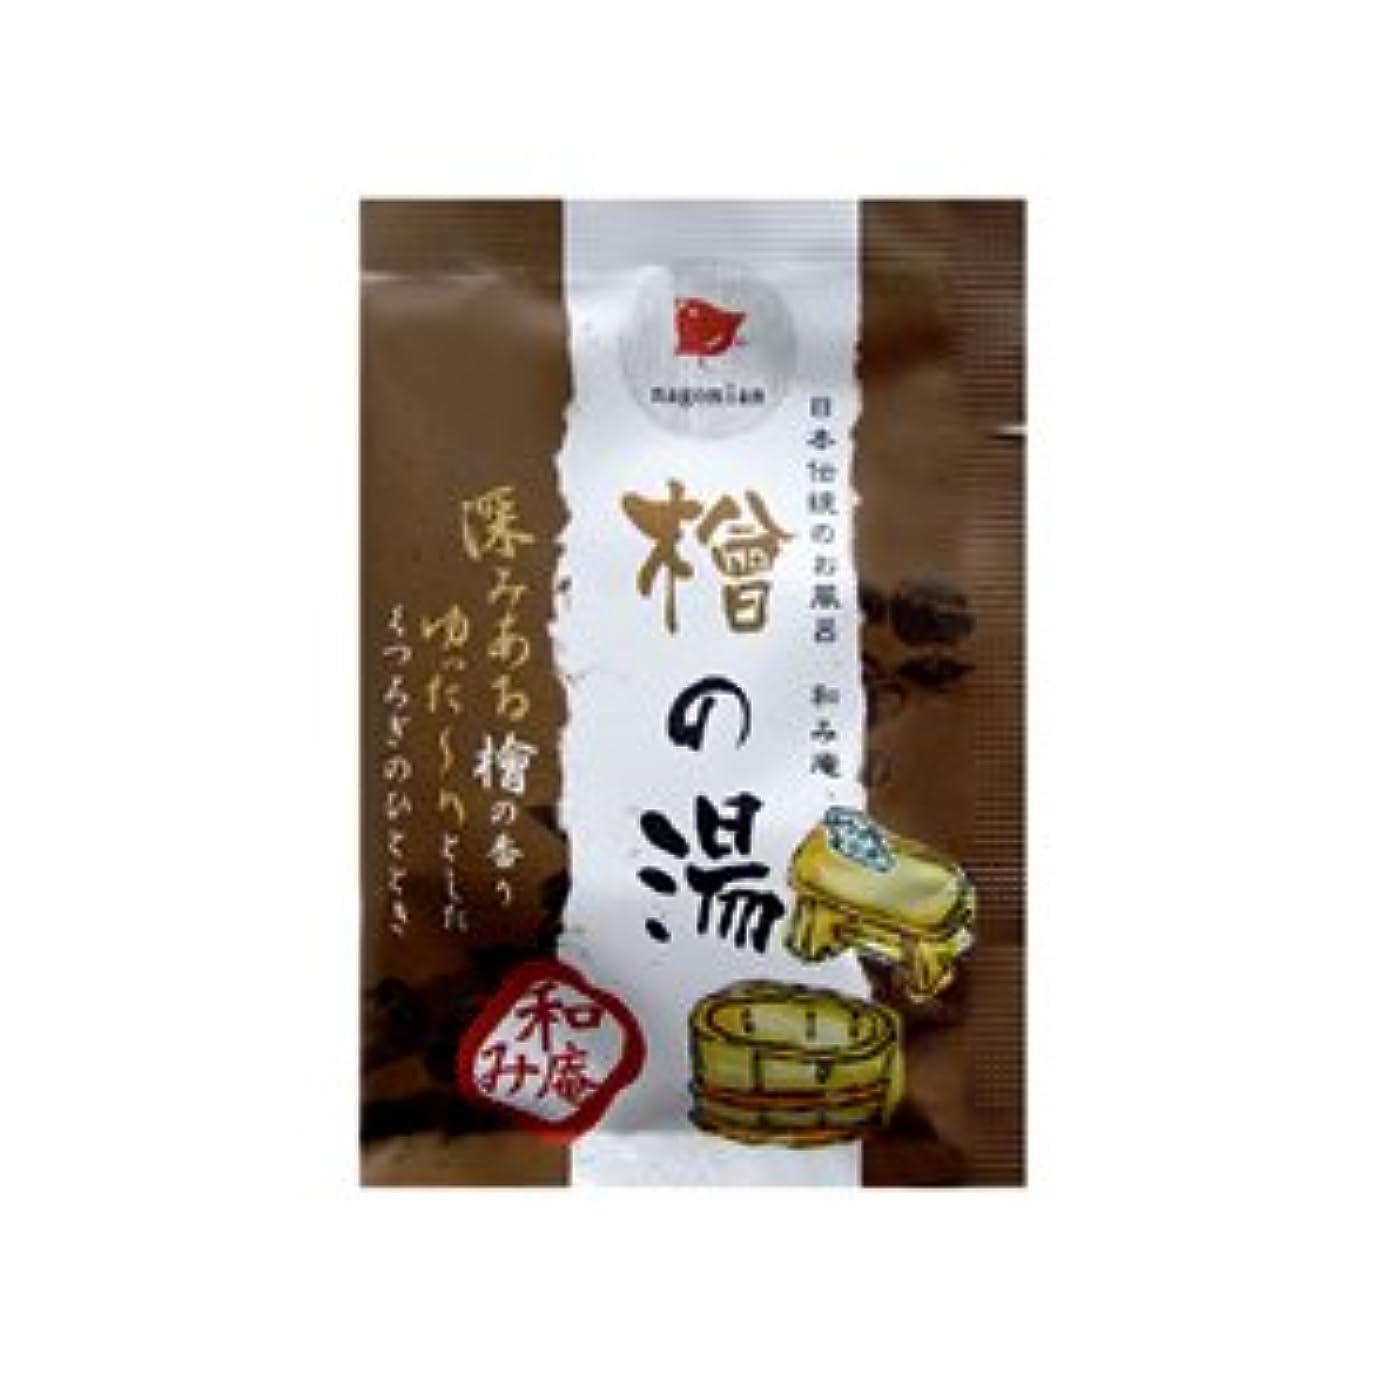 肉腫借りる放出日本伝統のお風呂 和み庵 檜の湯 25g 5個セット